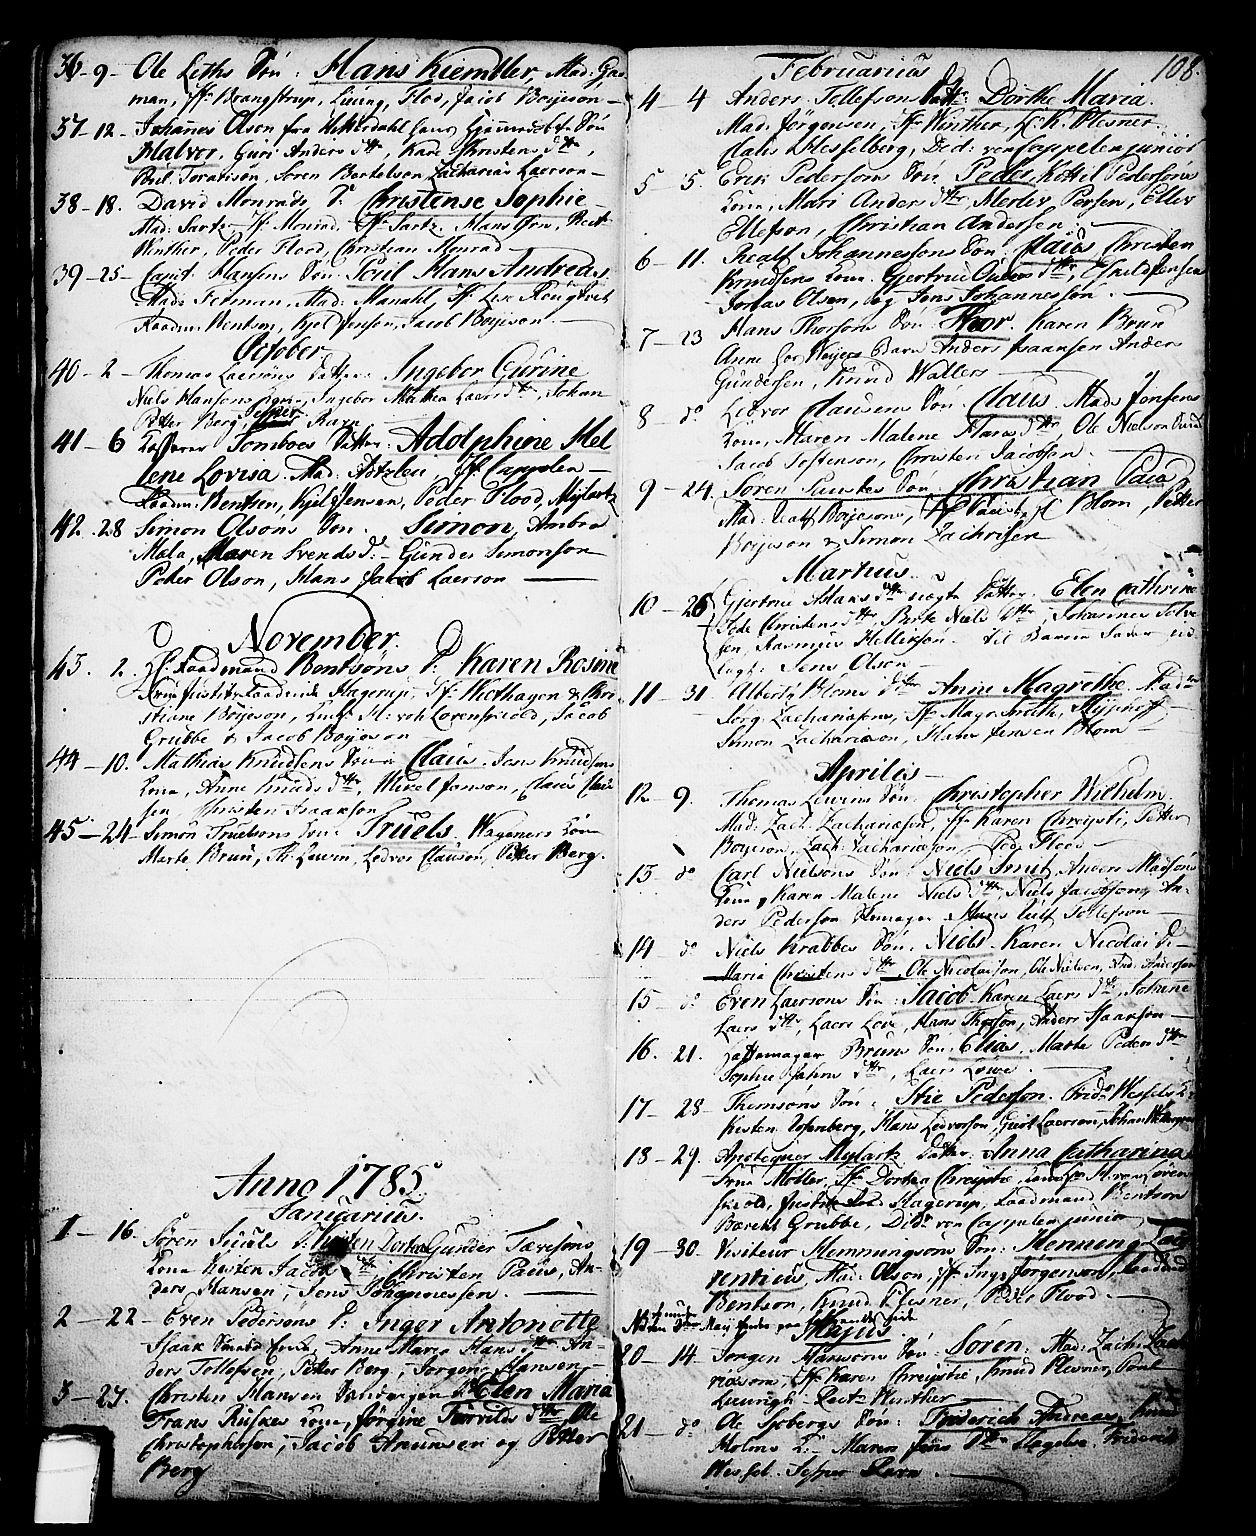 SAKO, Skien kirkebøker, G/Ga/L0001: Klokkerbok nr. 1, 1756-1791, s. 108